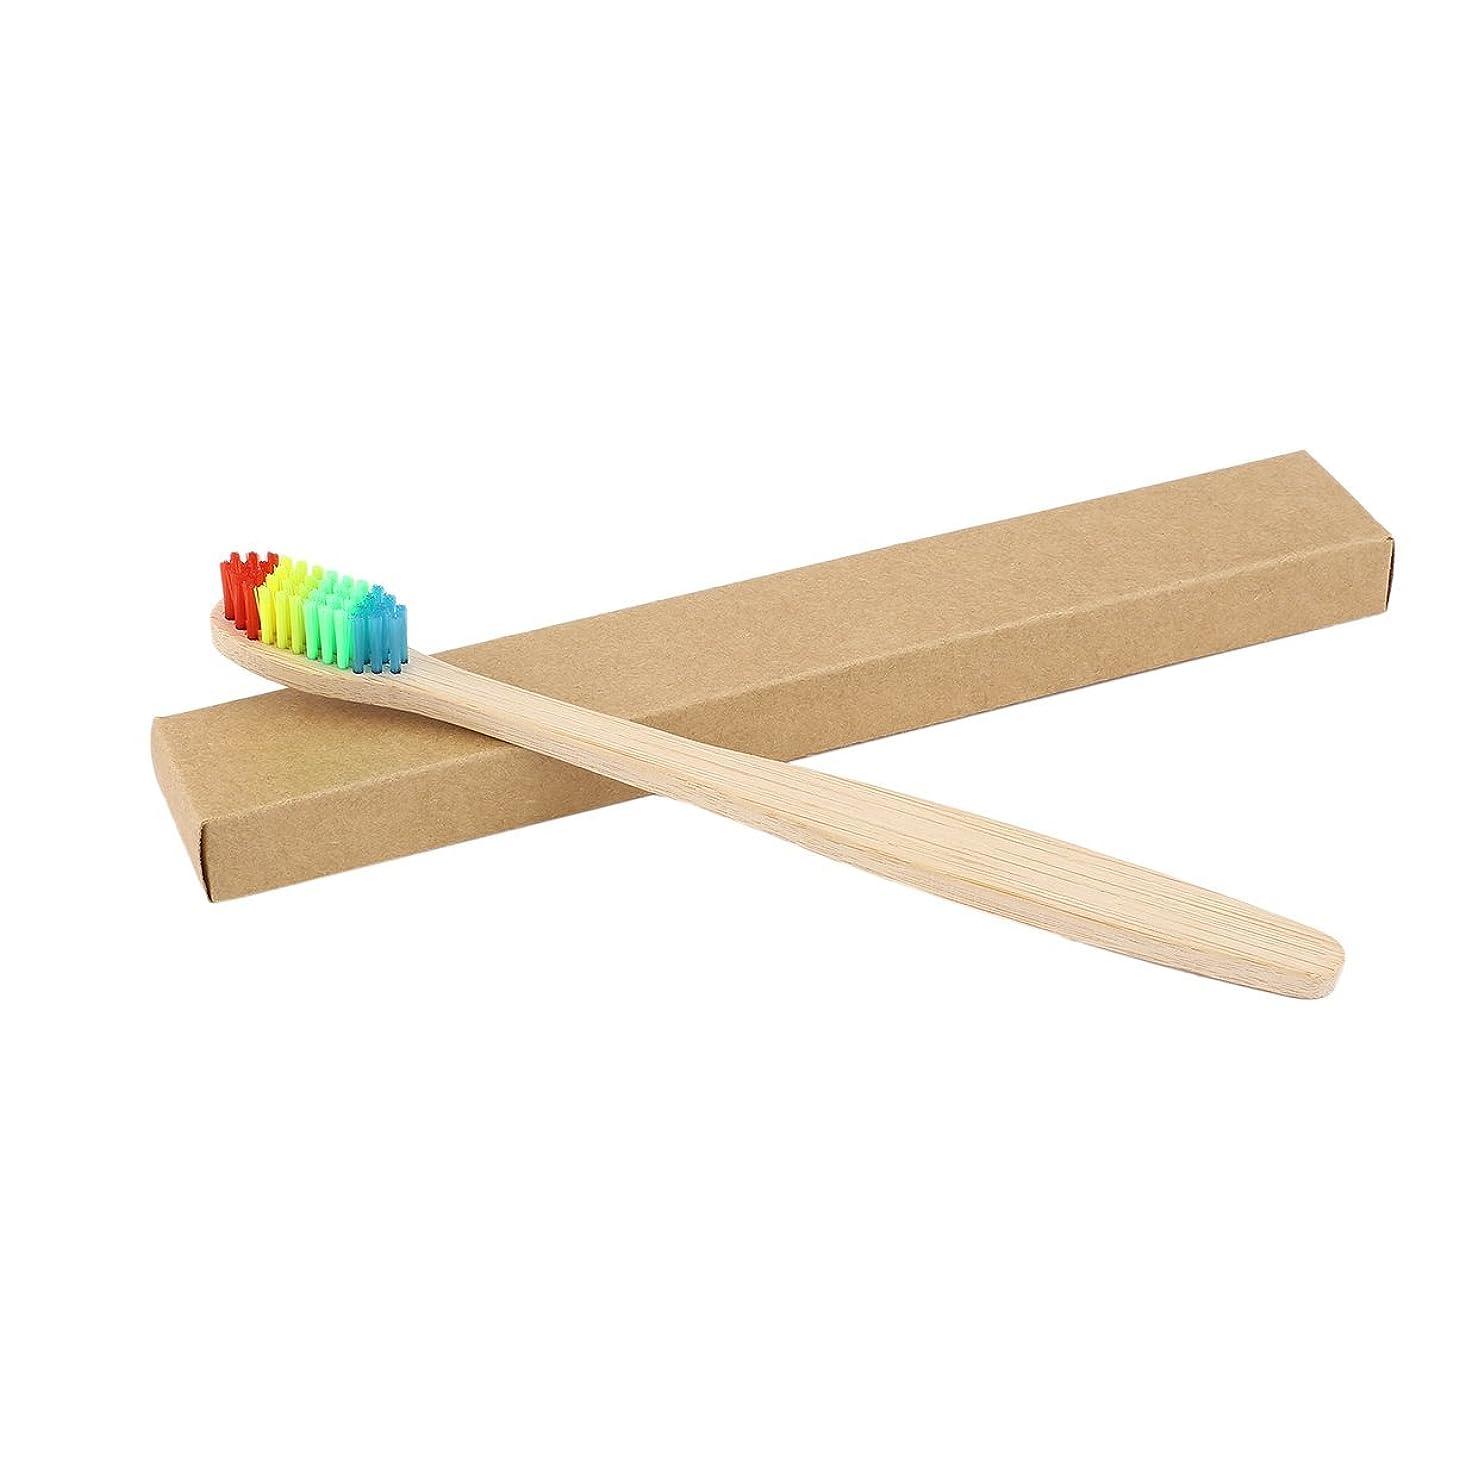 グラディス温度計退屈カラフルな髪+竹のハンドル歯ブラシ環境木製の虹竹の歯ブラシオーラルケアソフト剛毛ユニセックス - ウッドカラー+カラフル